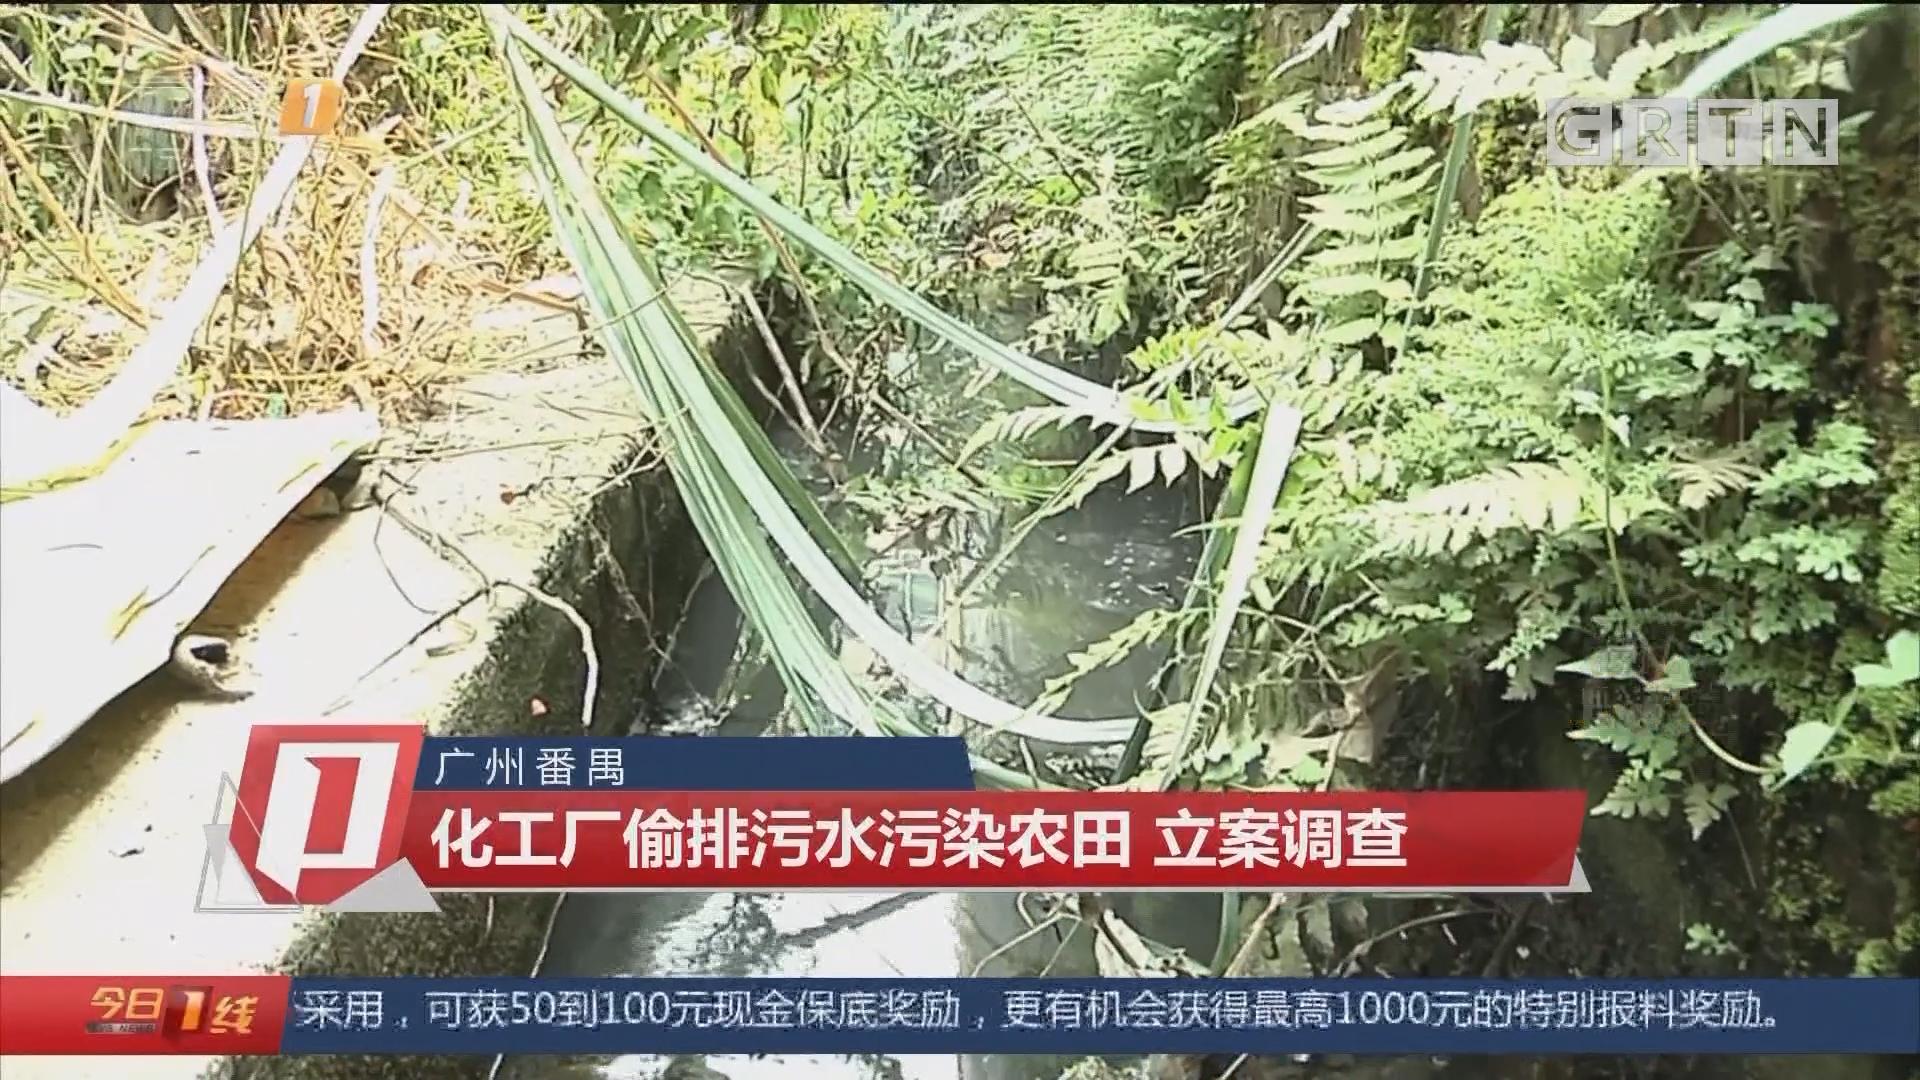 广州番禺:化工厂偷排污水污染农田 立案调查